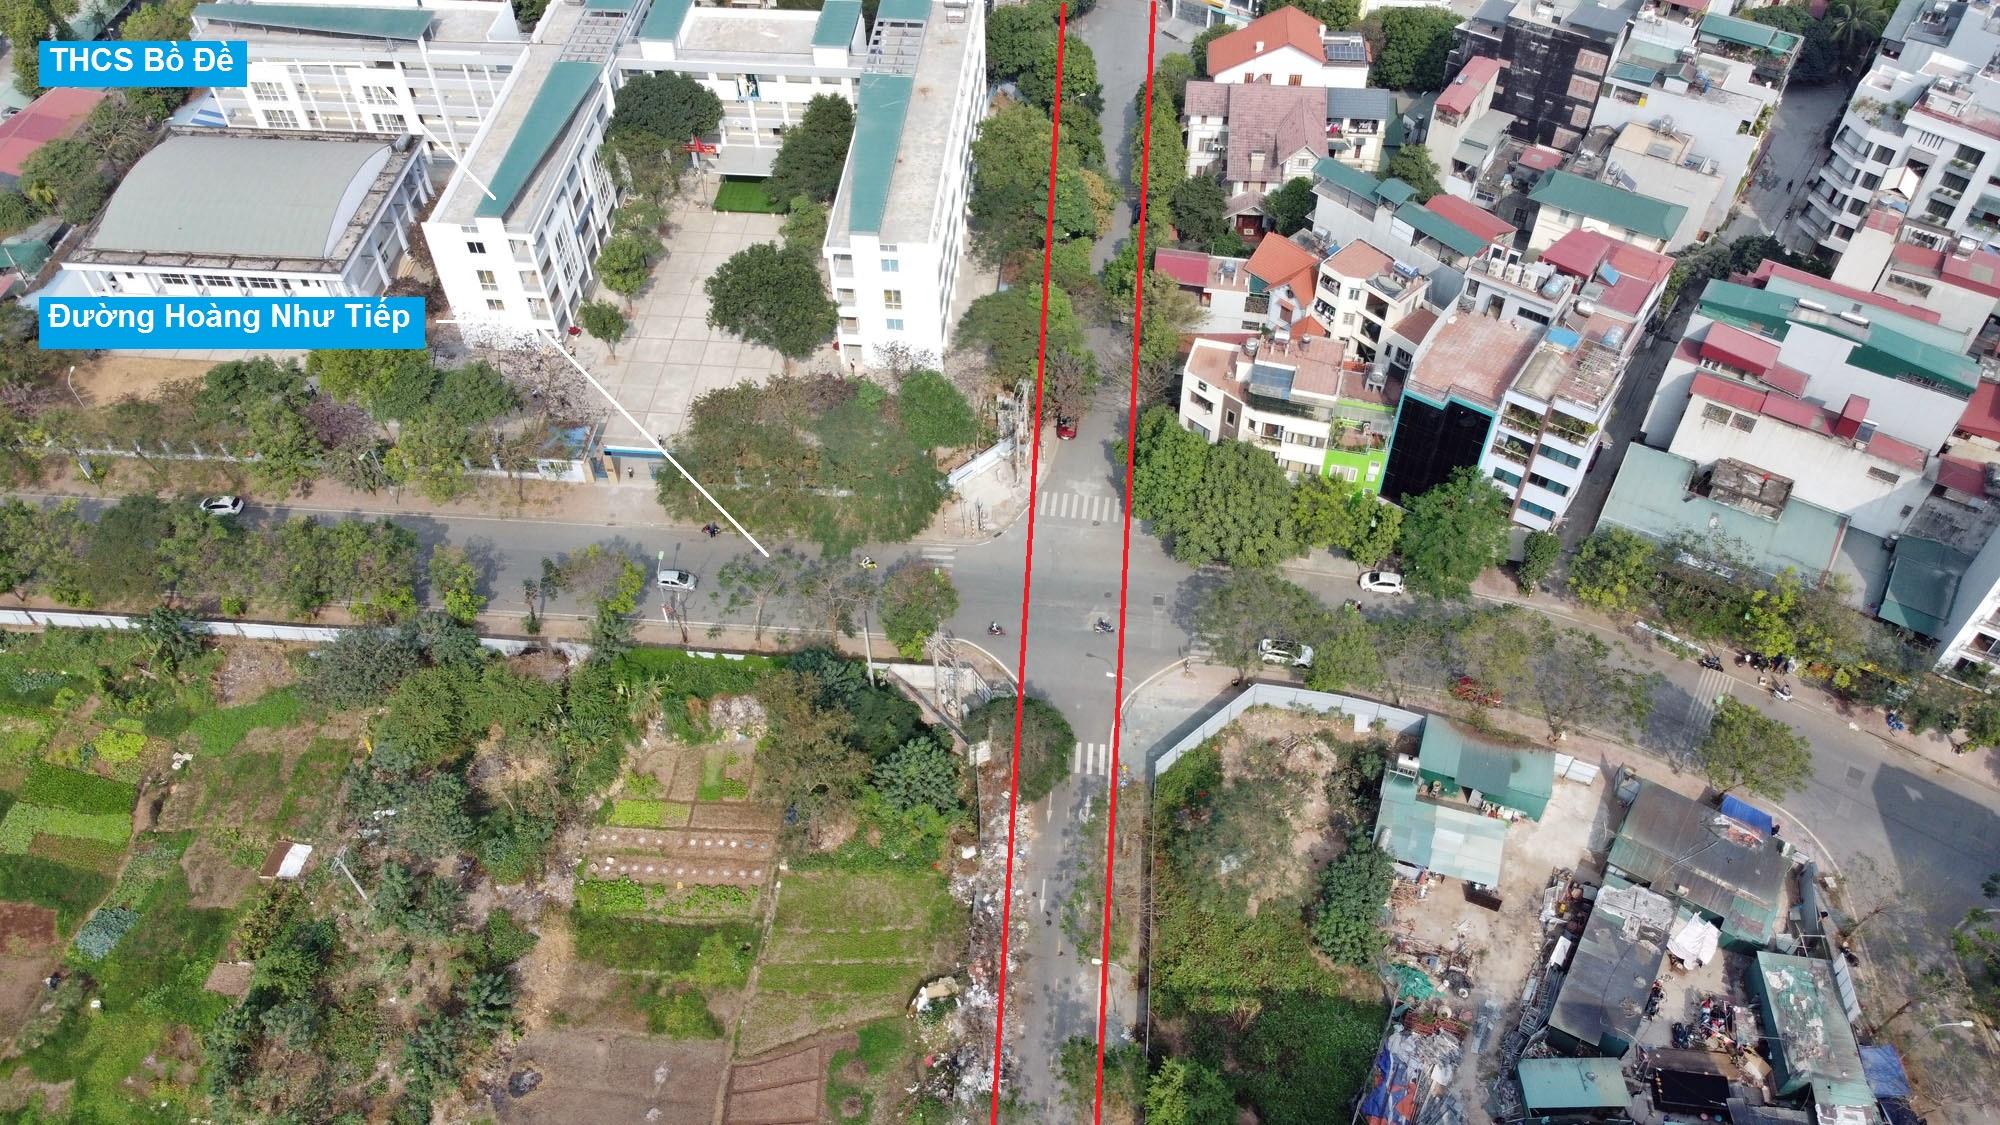 Ba đường sẽ mở theo qui hoạch ở phường Bồ Đề, Long Biên, Hà Nội (phần 2) - Ảnh 13.